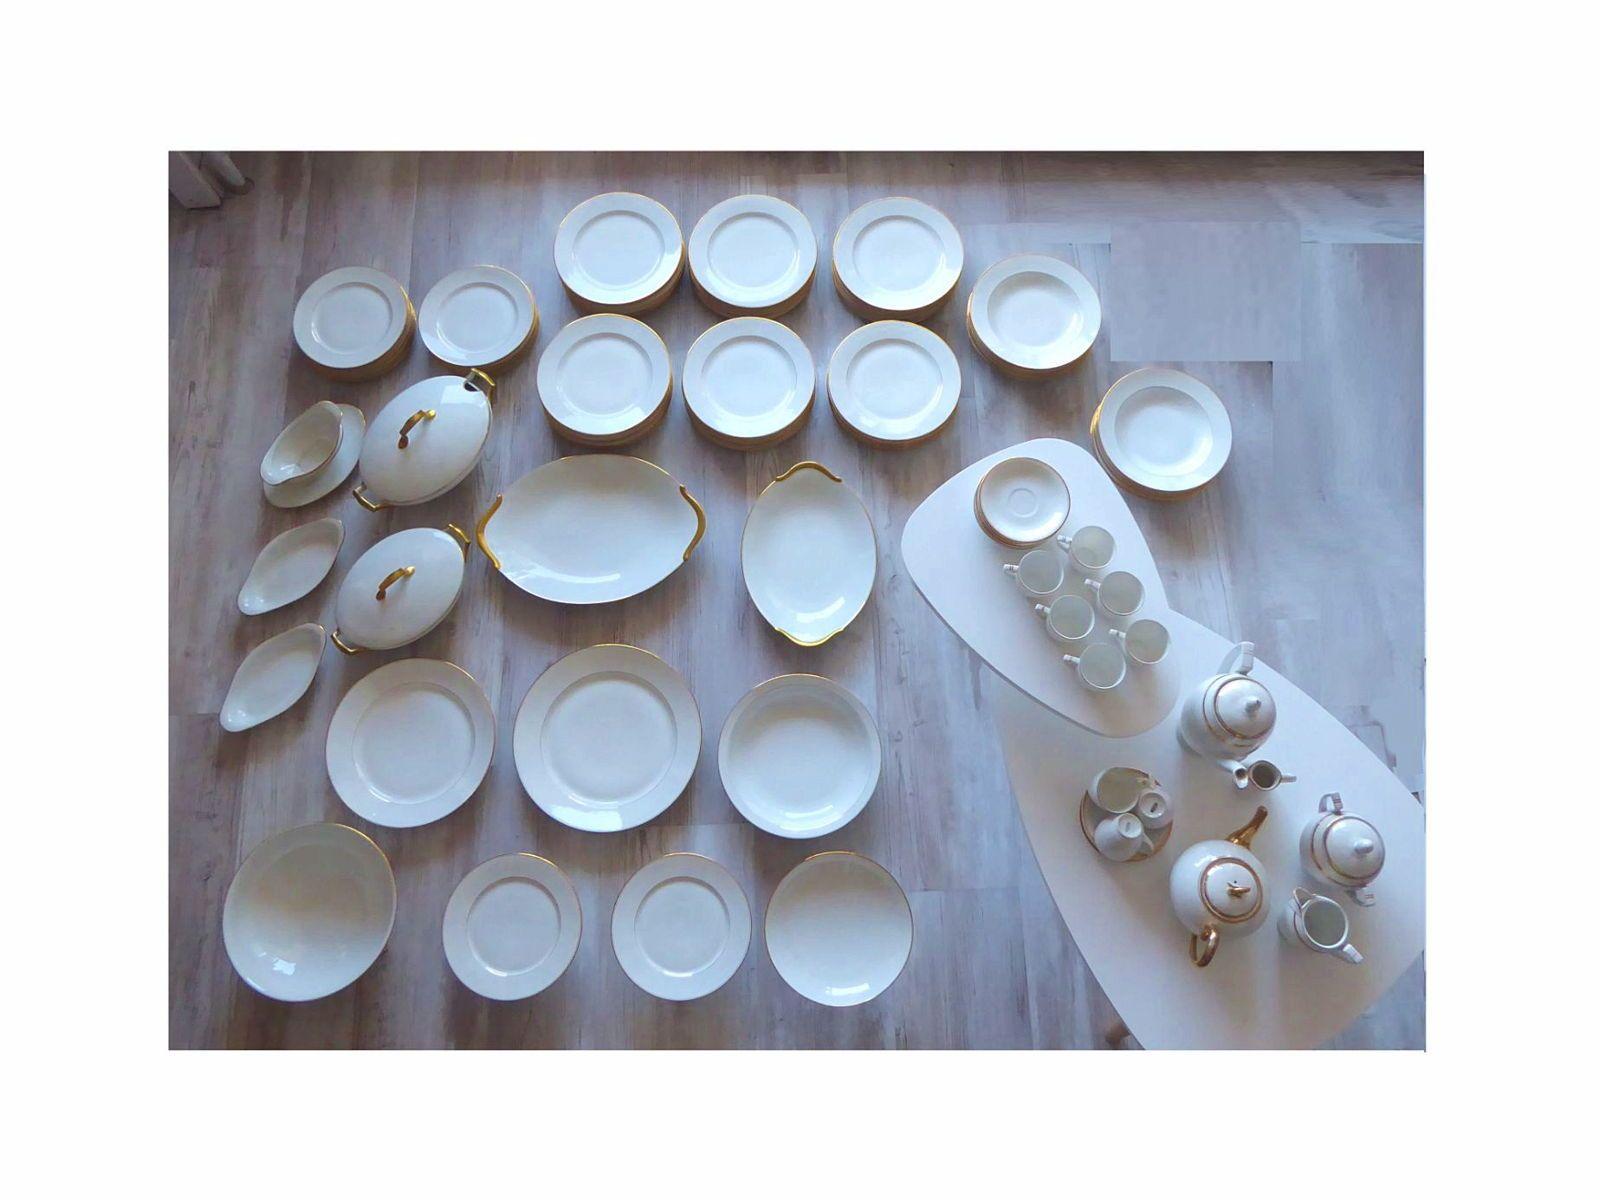 Service vaisselle Années 1920(céramique blanche et or)